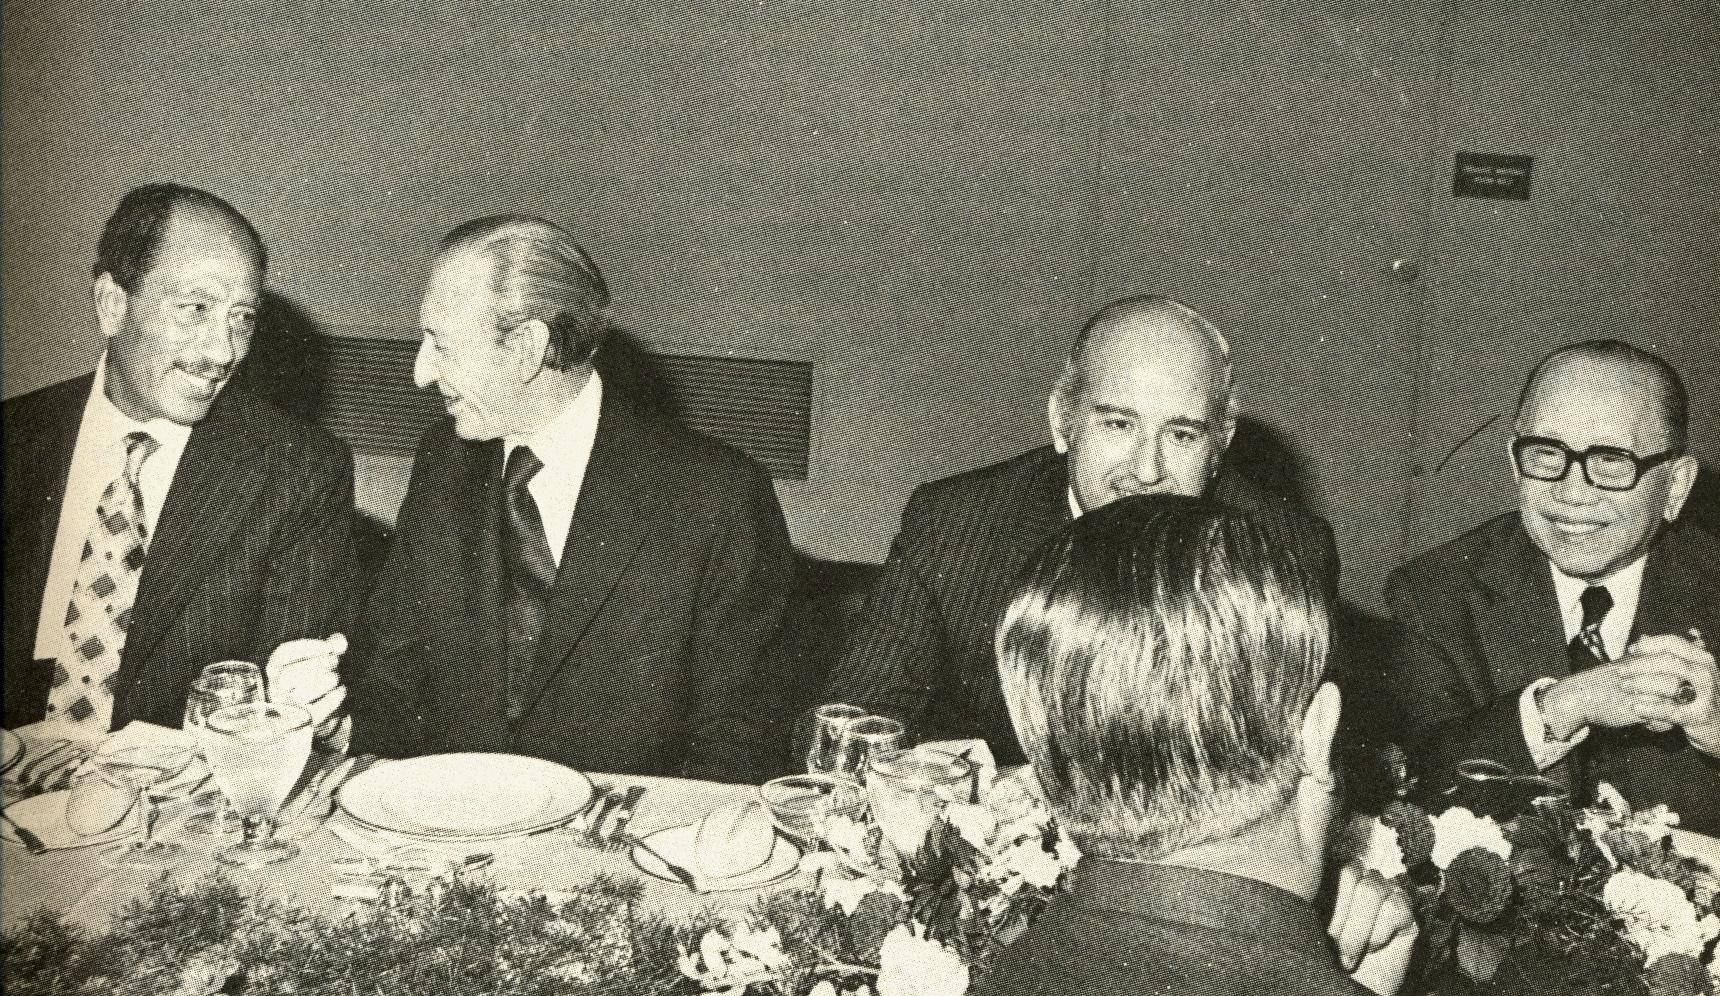 With Egyptian Pres. Anwar Sadat and Kurt Waldheim